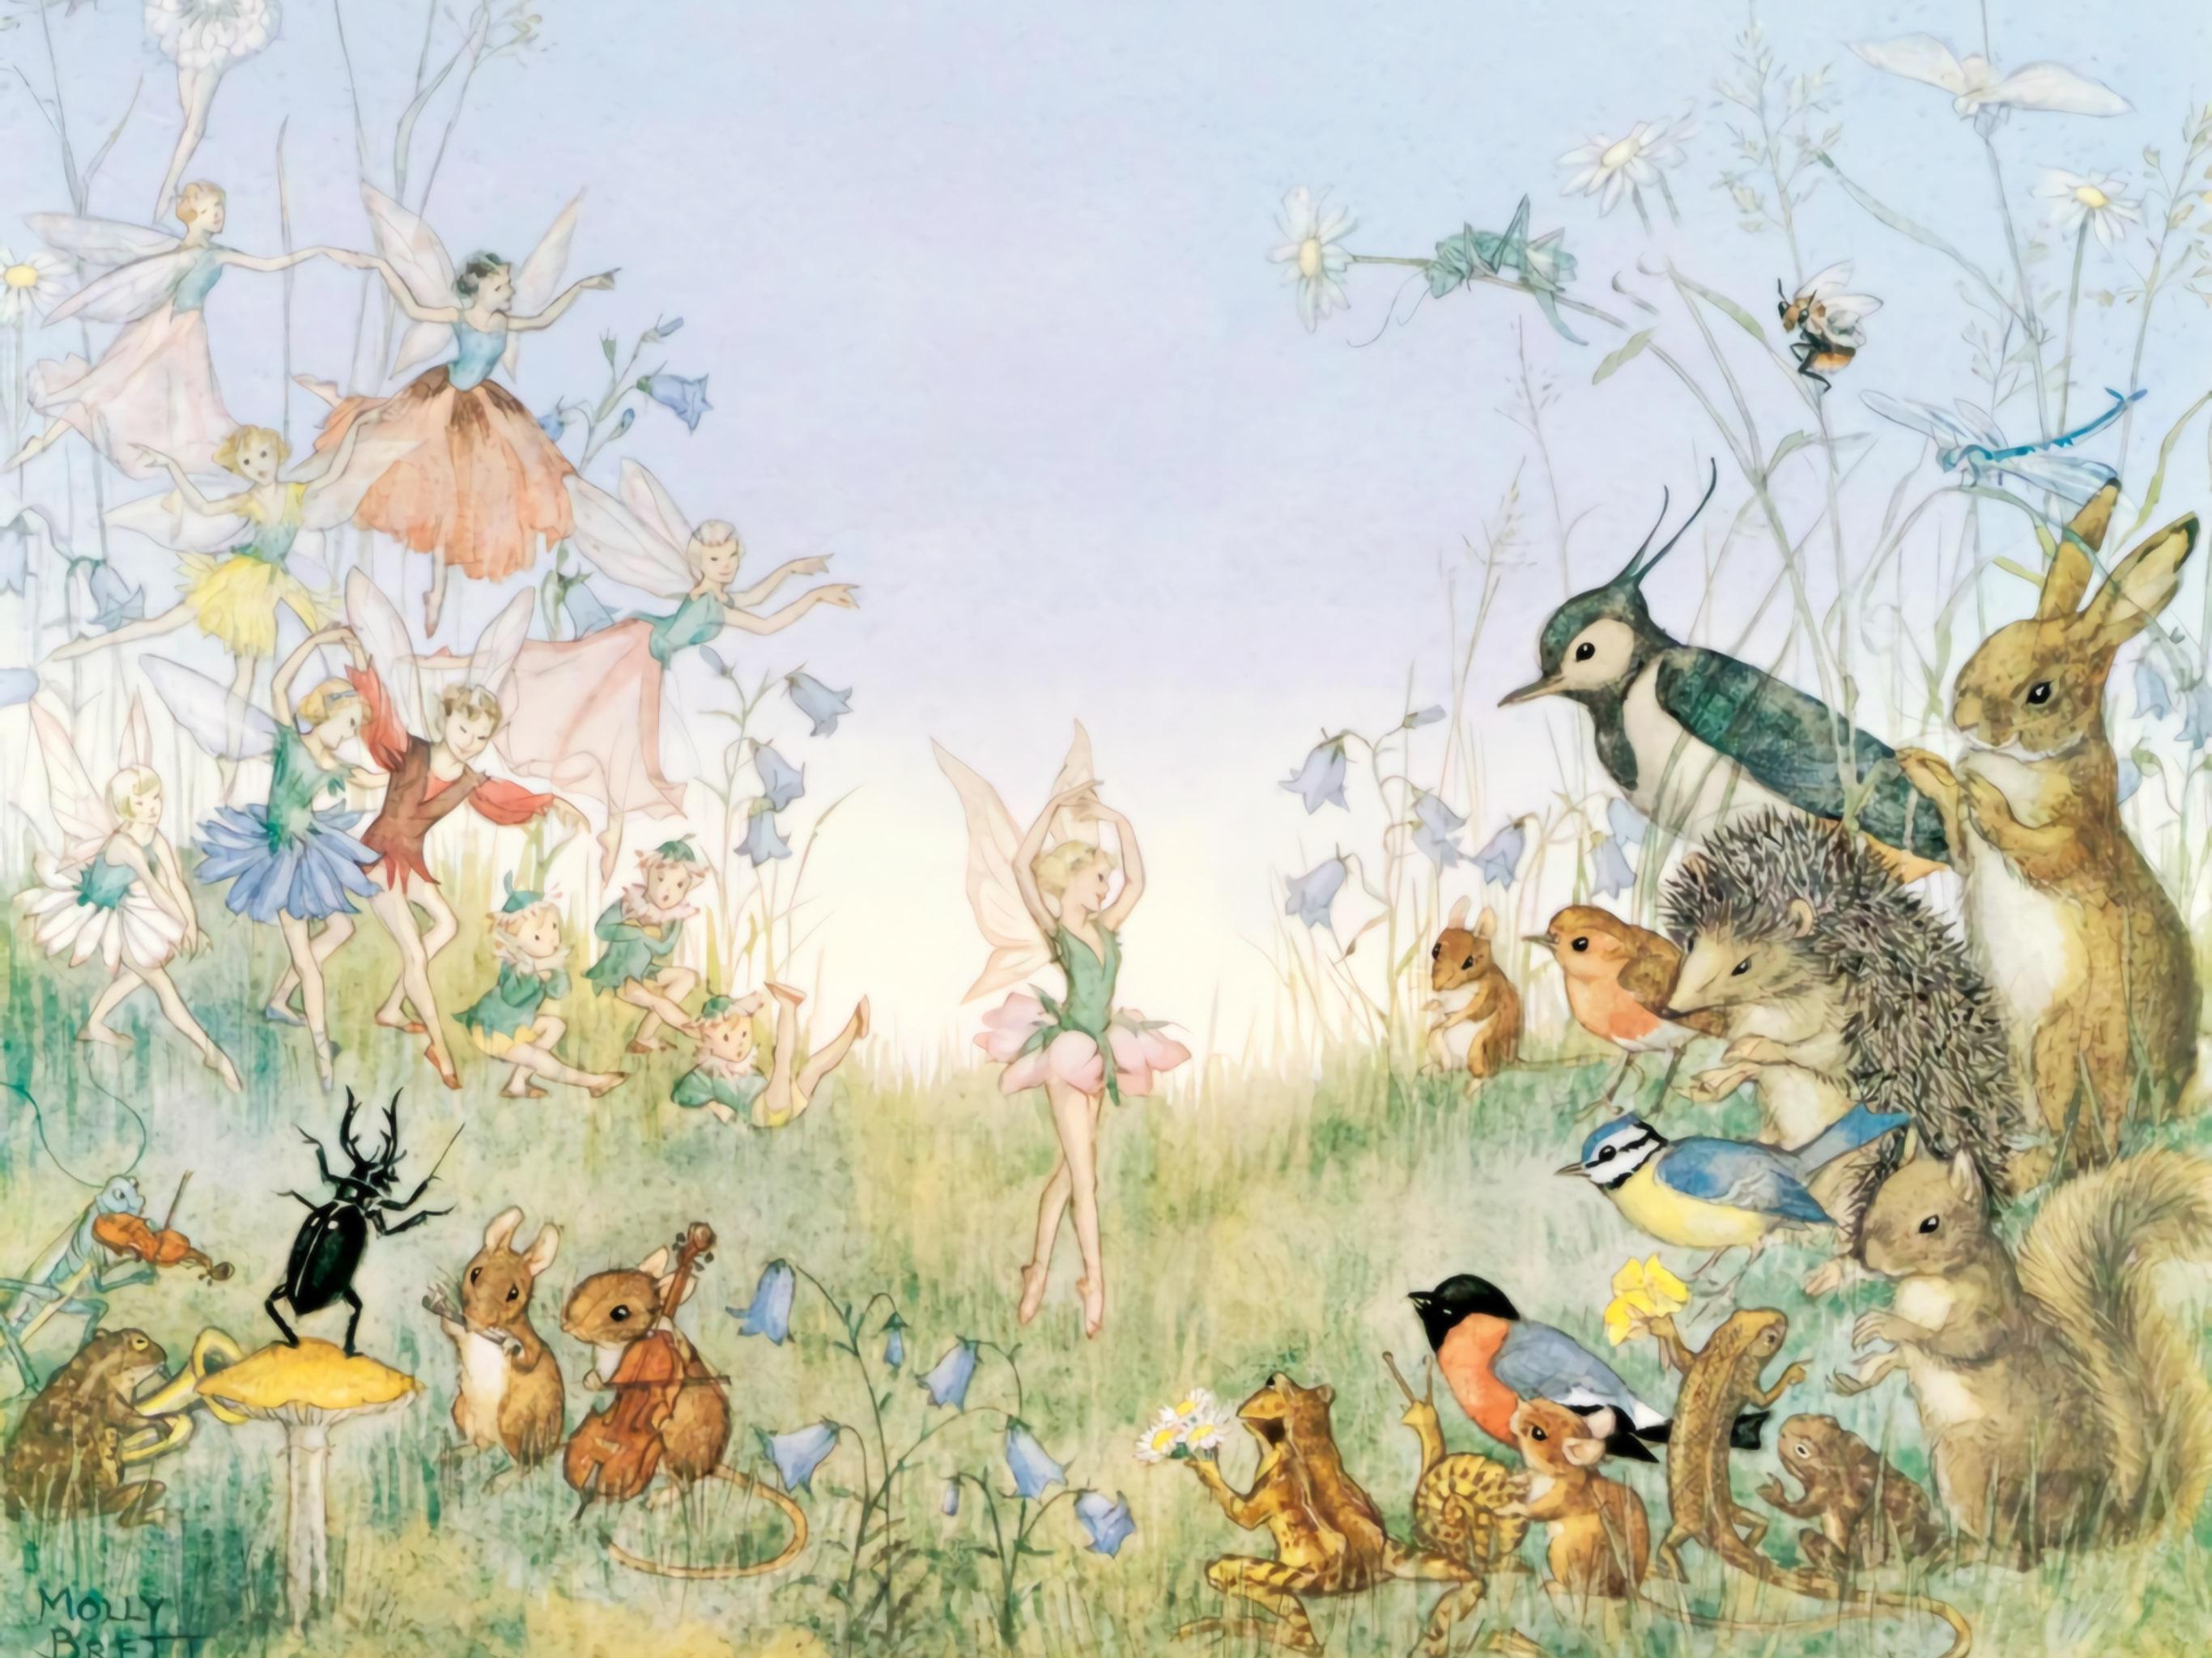 モリー・ブルット Molly Brett - The Flower Ballet 2732x2048